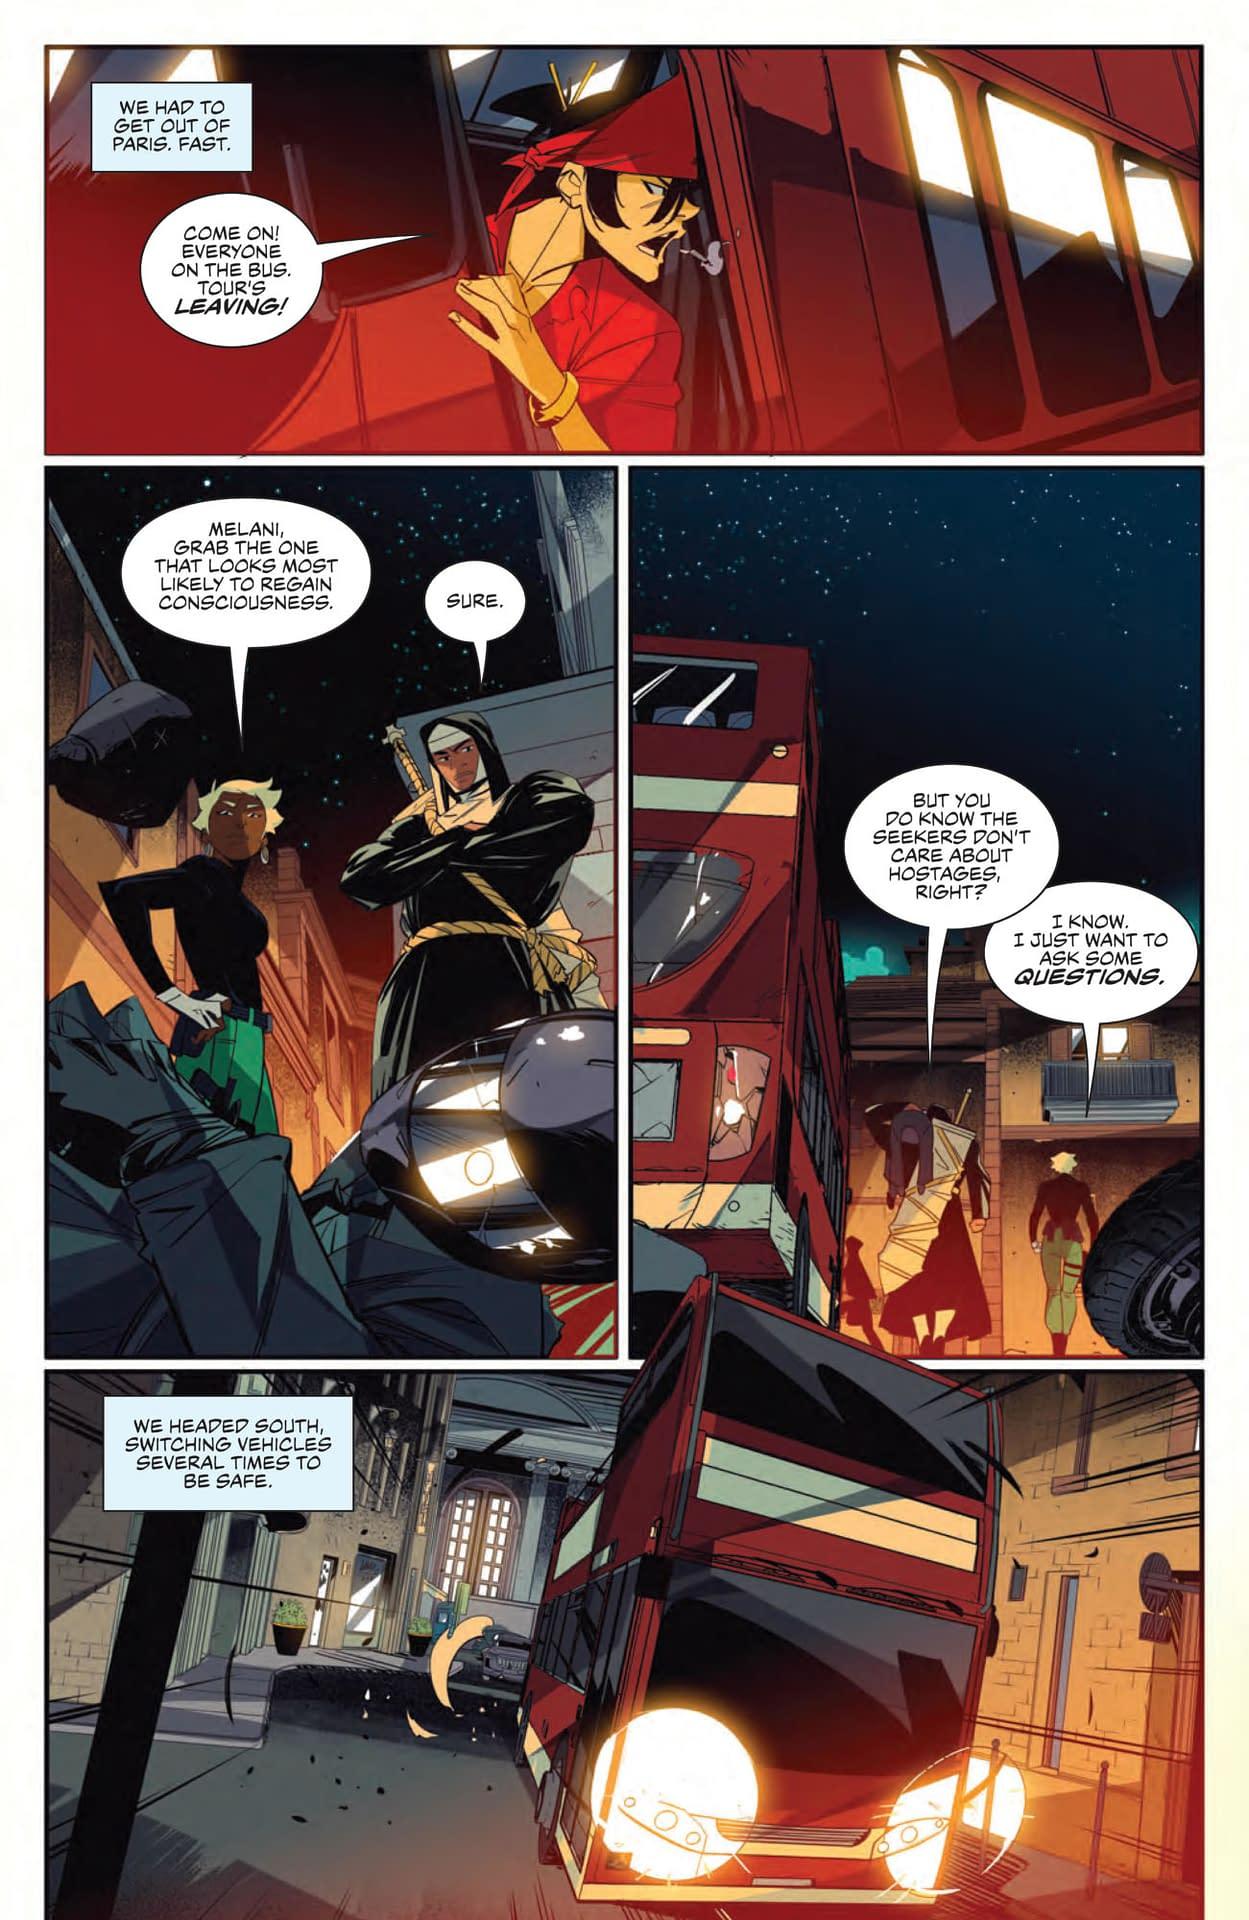 Interior preview page from SEVEN SECRETS #9 CVR A DI NICUOLO